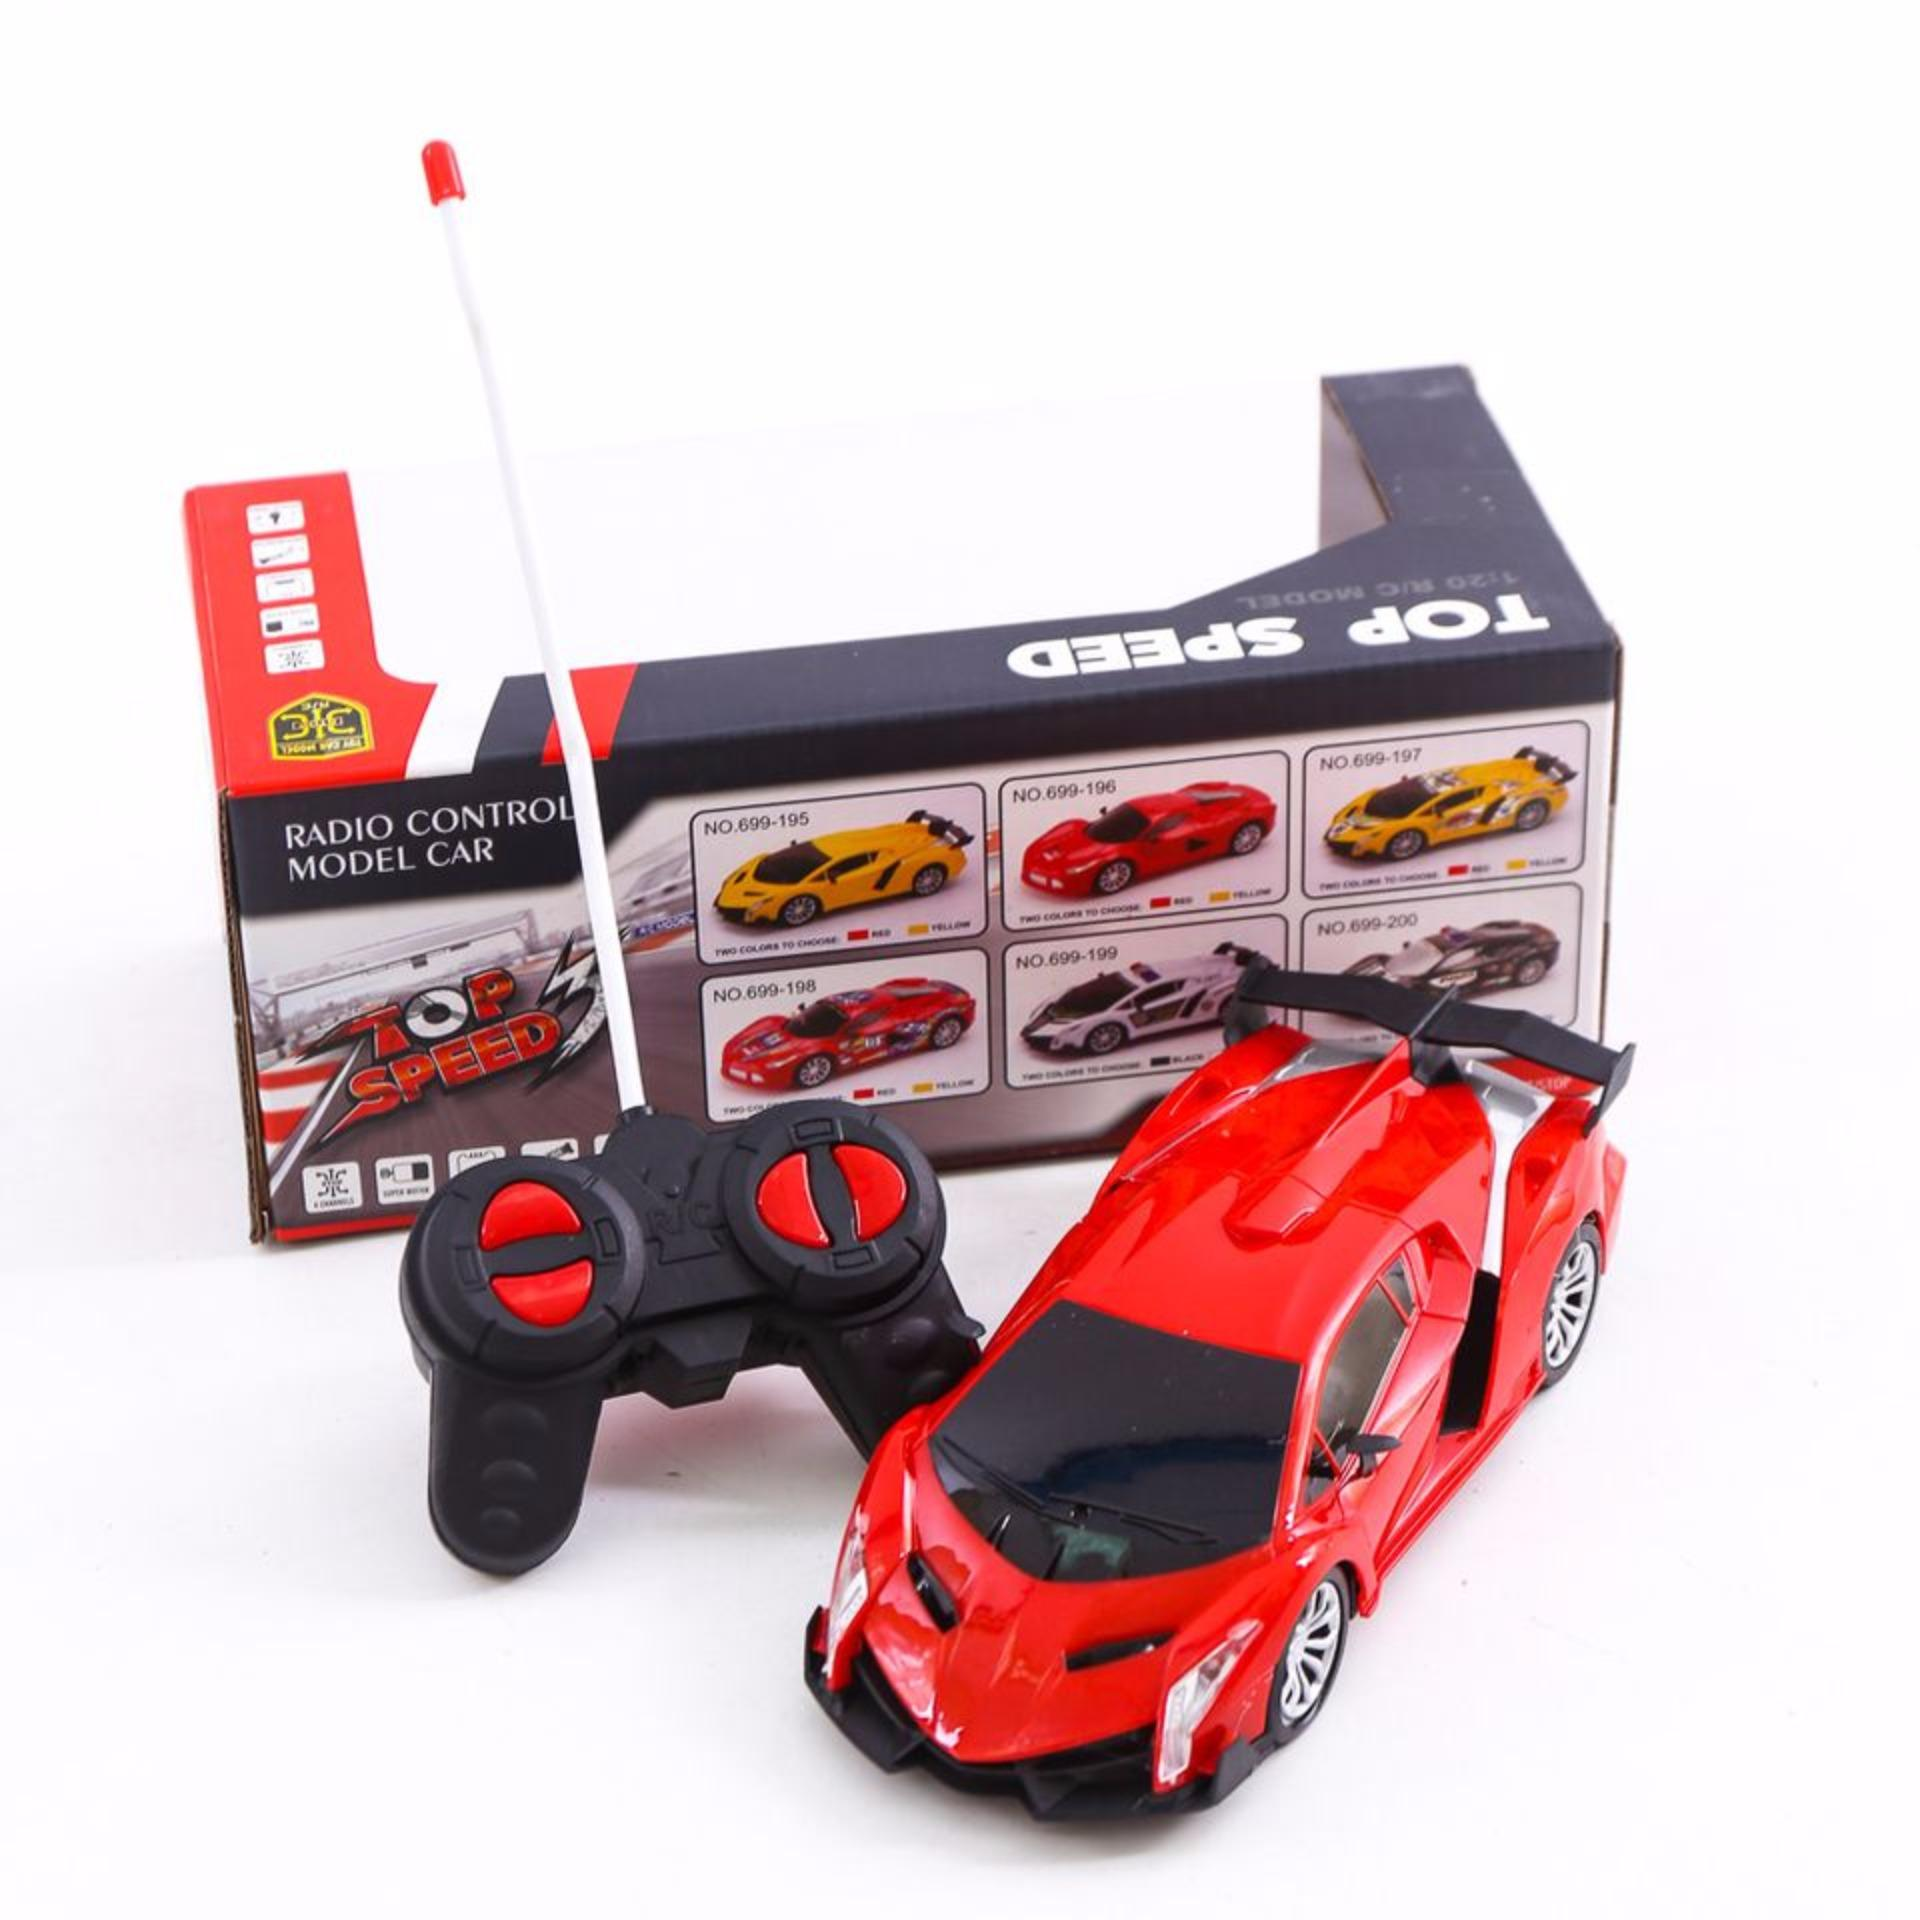 Ô tô điều khiển từ xa giá rẻ – Siêu phẩm thông minh cho bé (Đỏ)